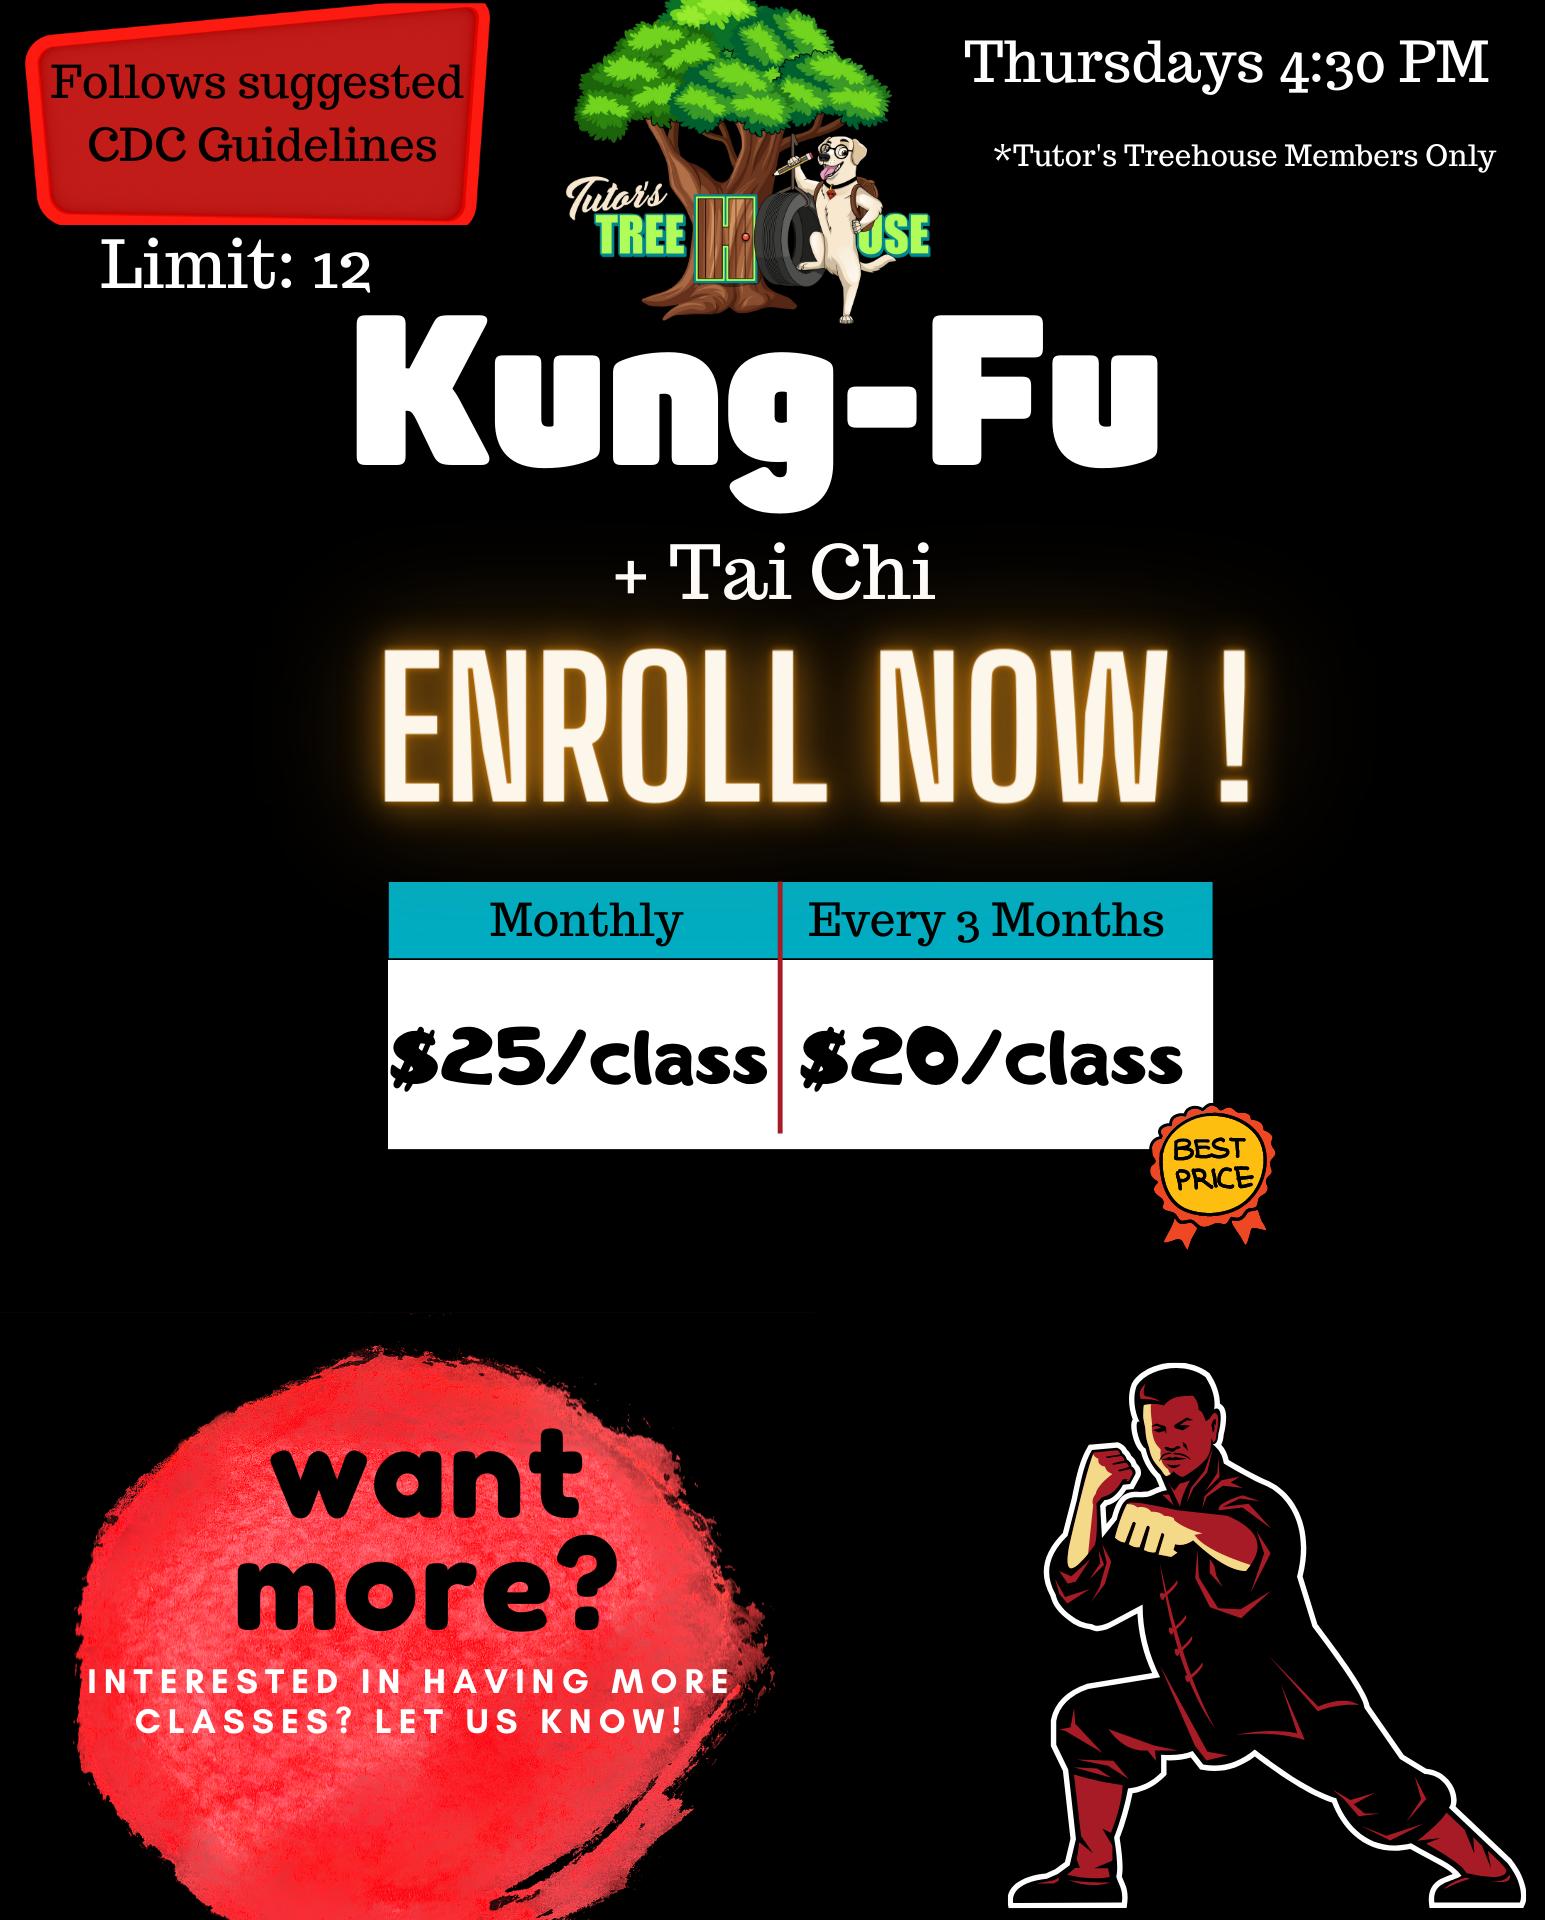 kung-fu price (2).png